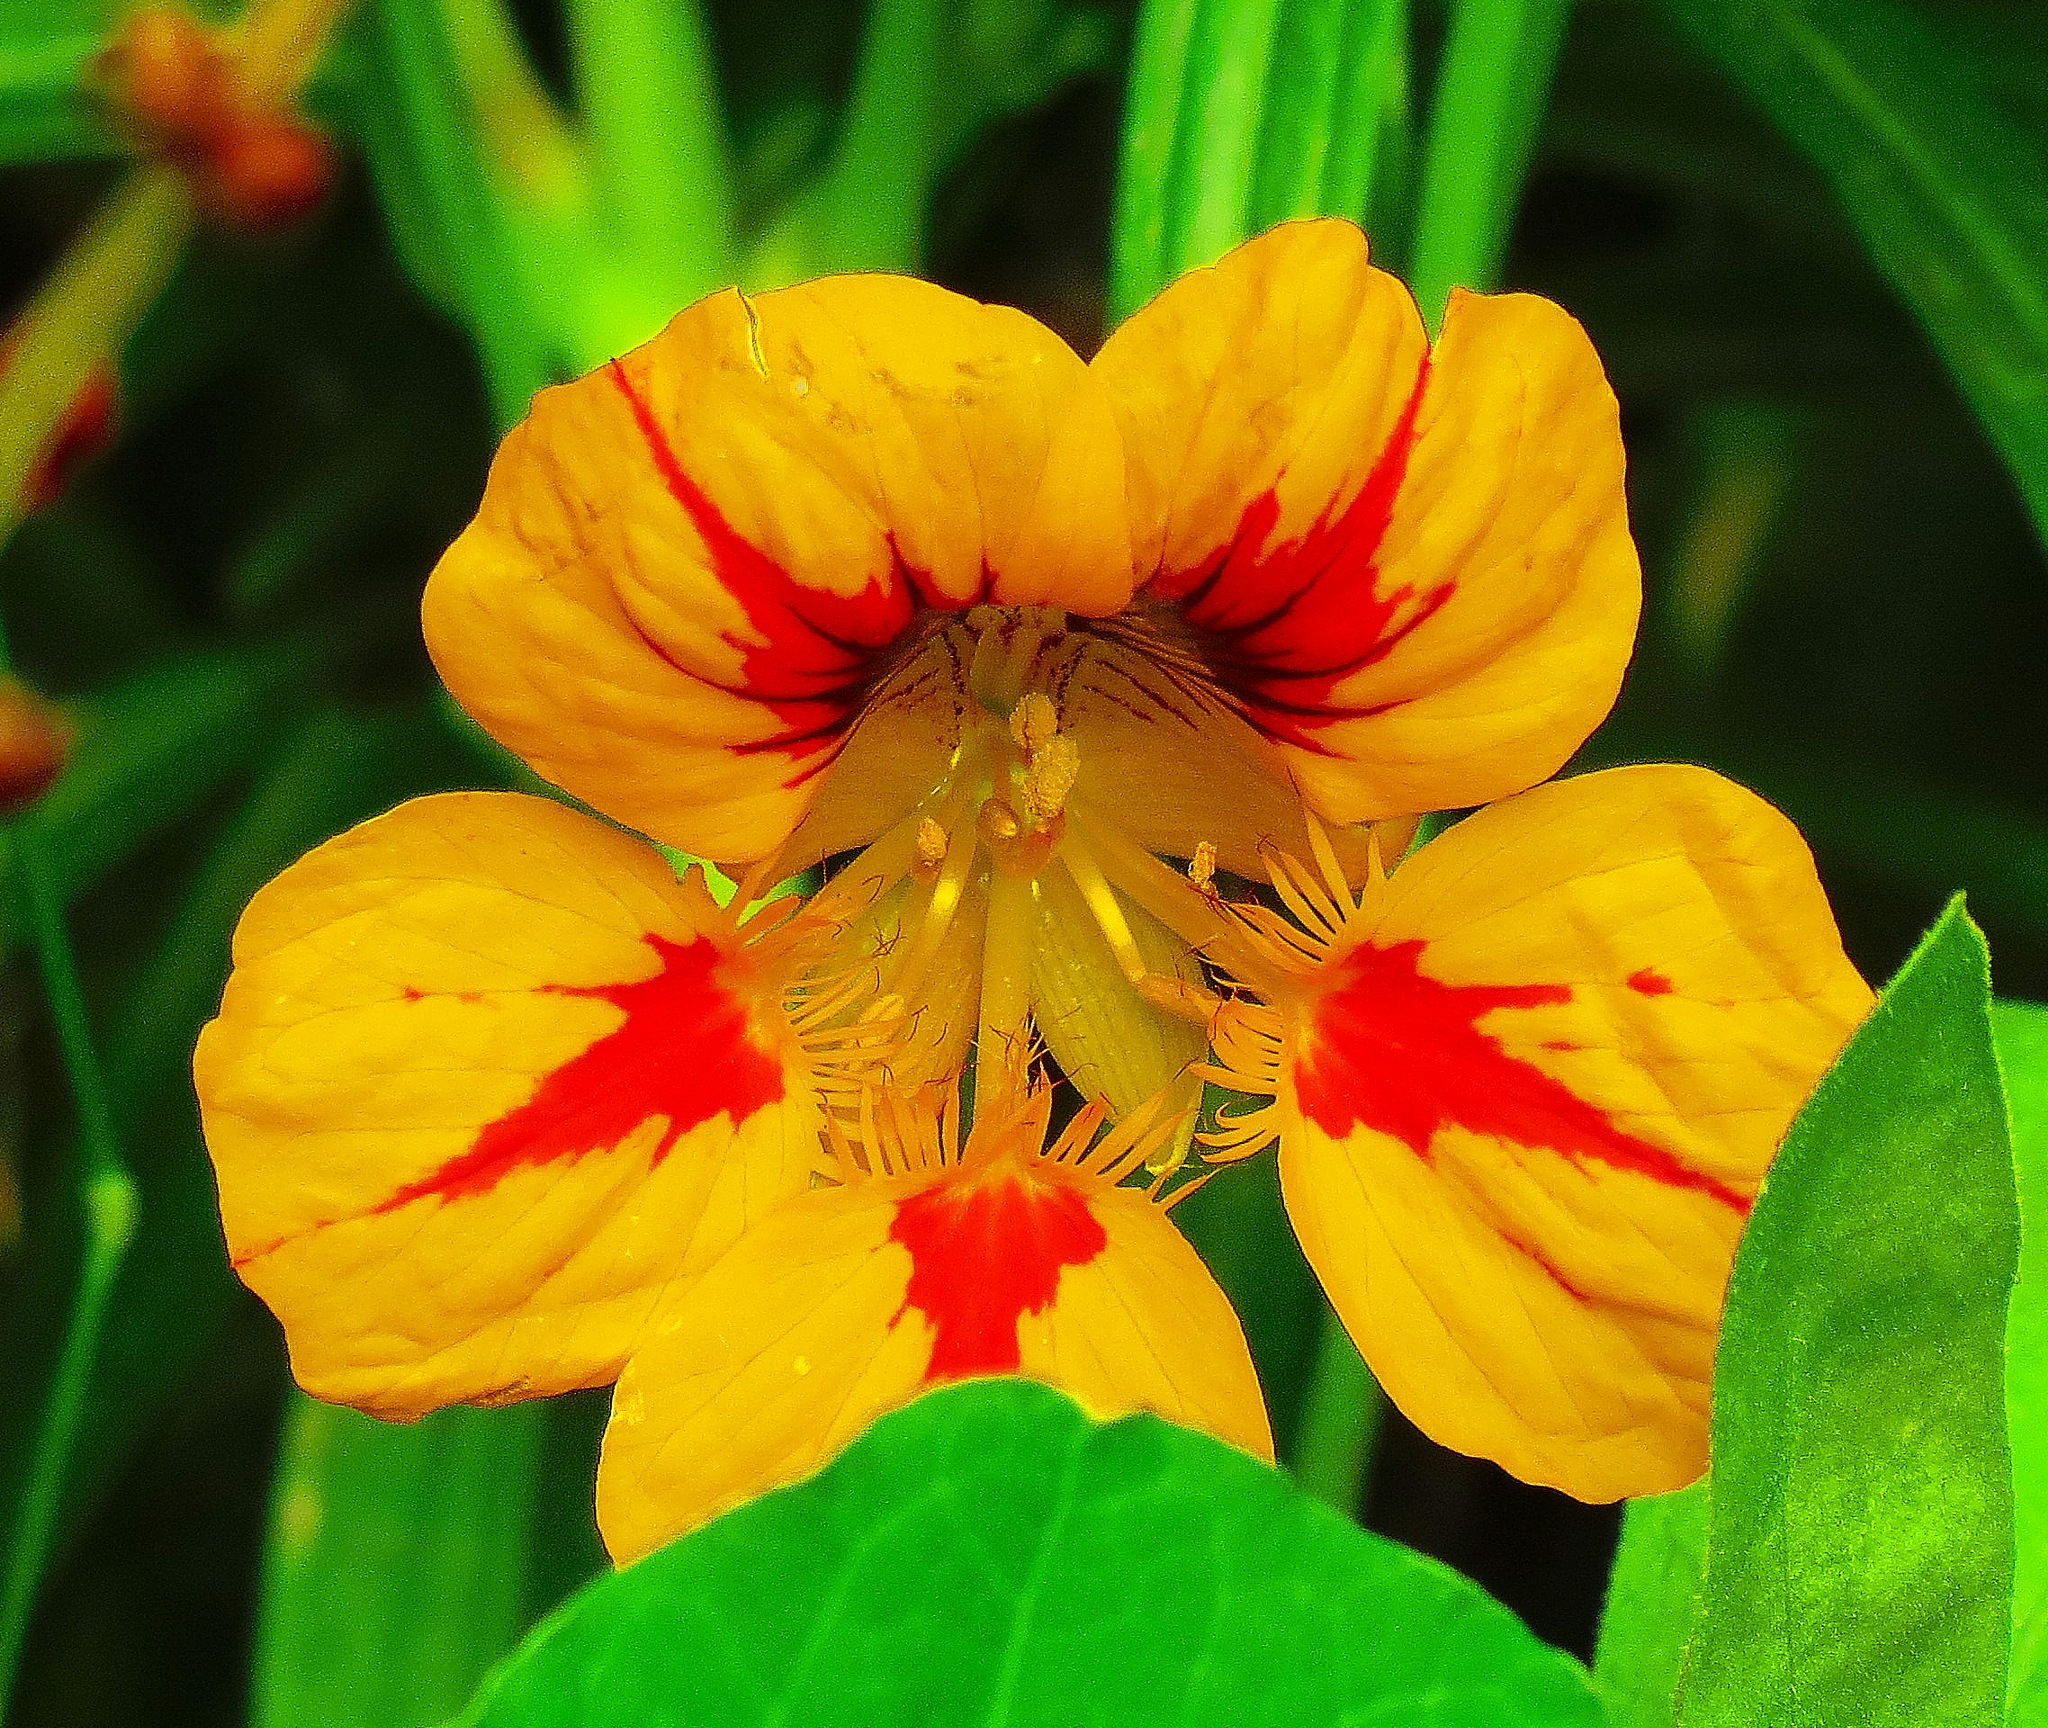 Flower of Fall by sergey.parfeniuk